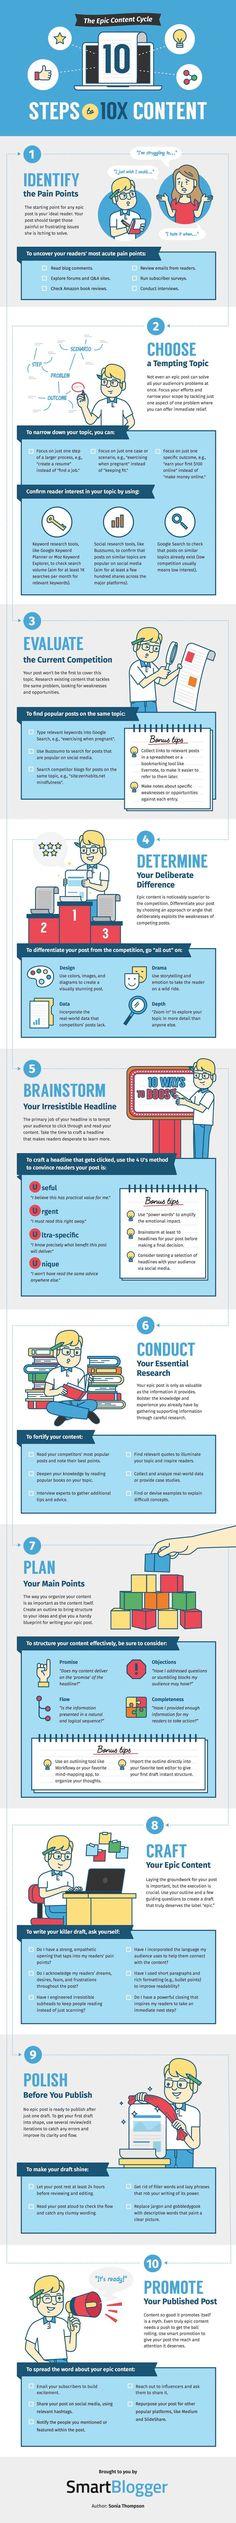 still-not-content-marketing-10-steps-to-create-a-successful-strategy Confira as nossas recomendações!